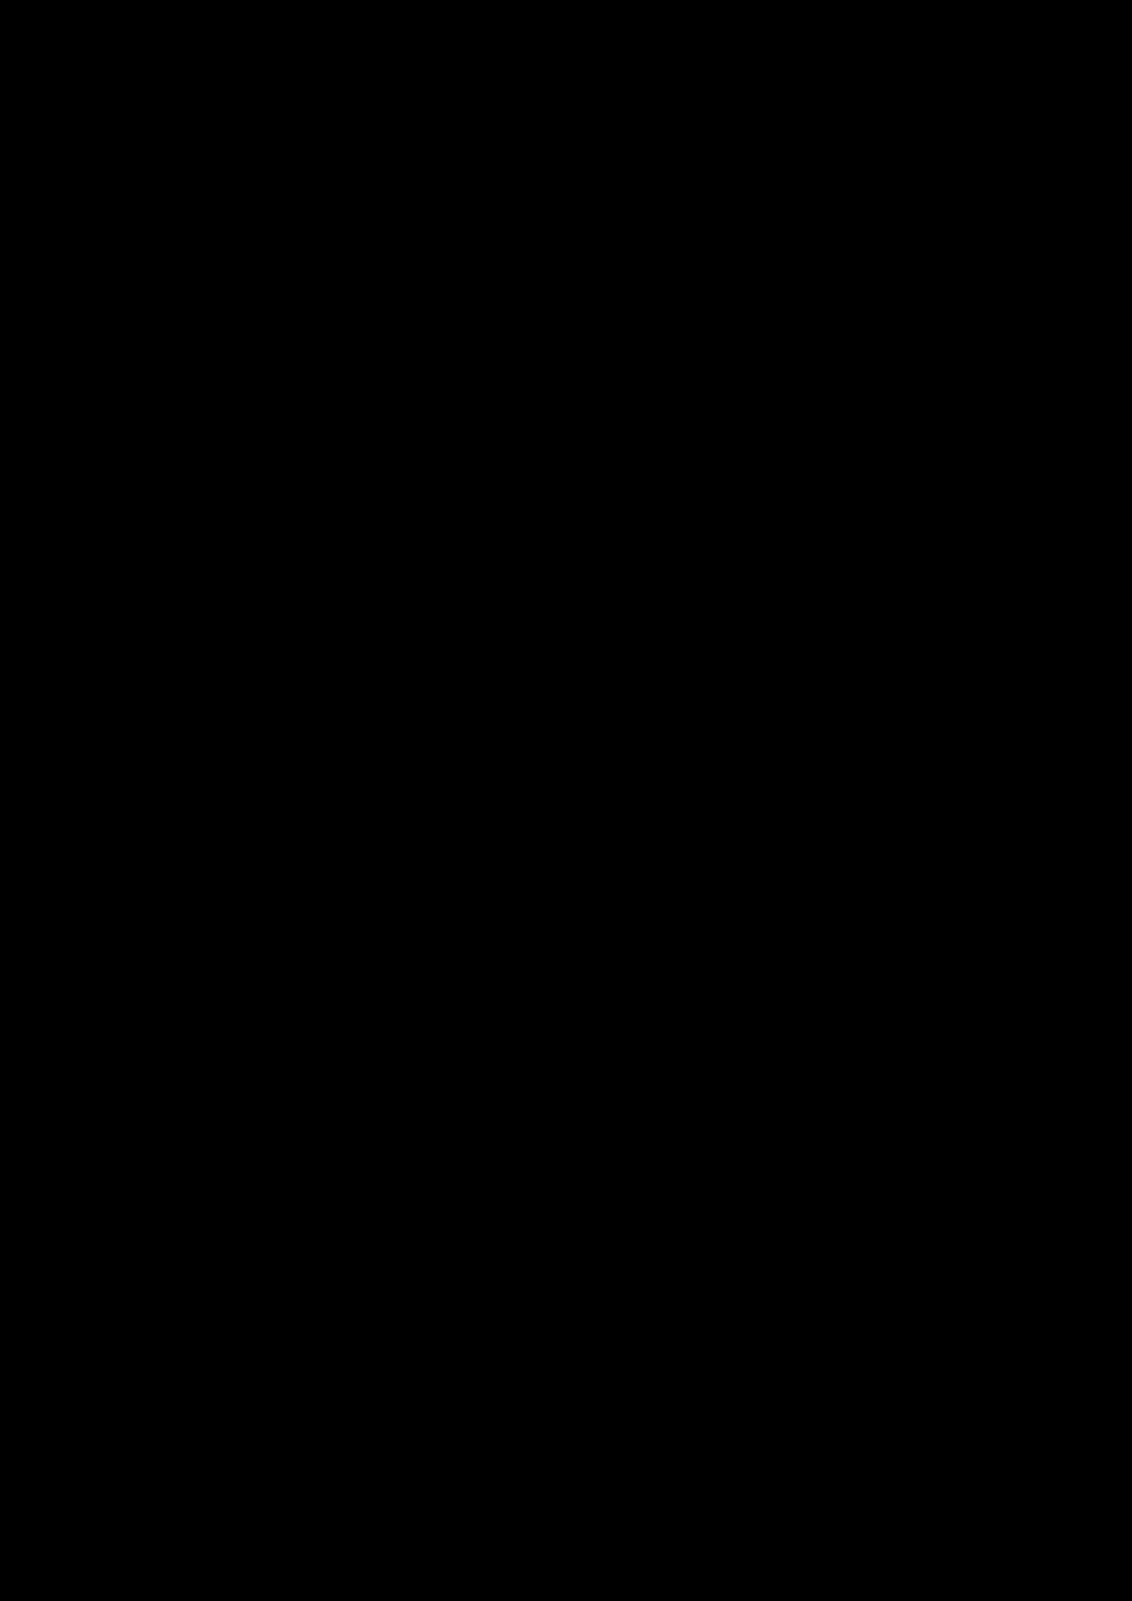 Zagadka volshebnoy stranyi slide, Image 130